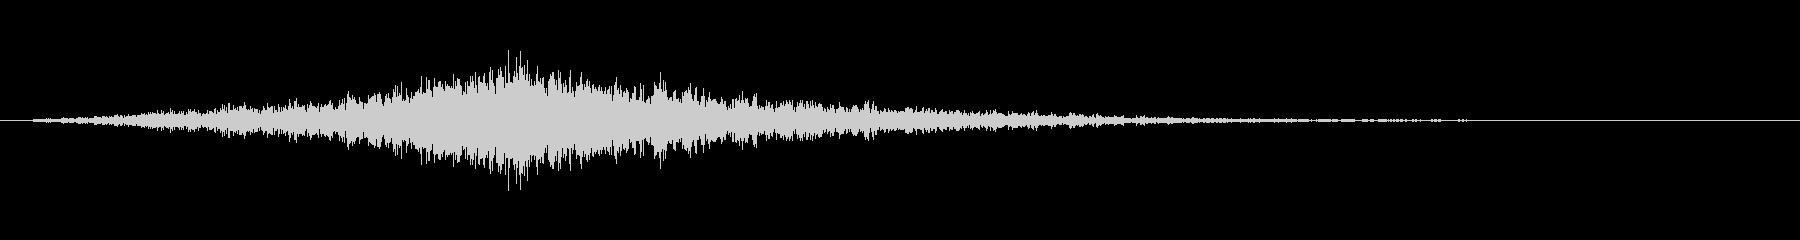 映画でよくあるライズヒットサウンドロゴ4の未再生の波形